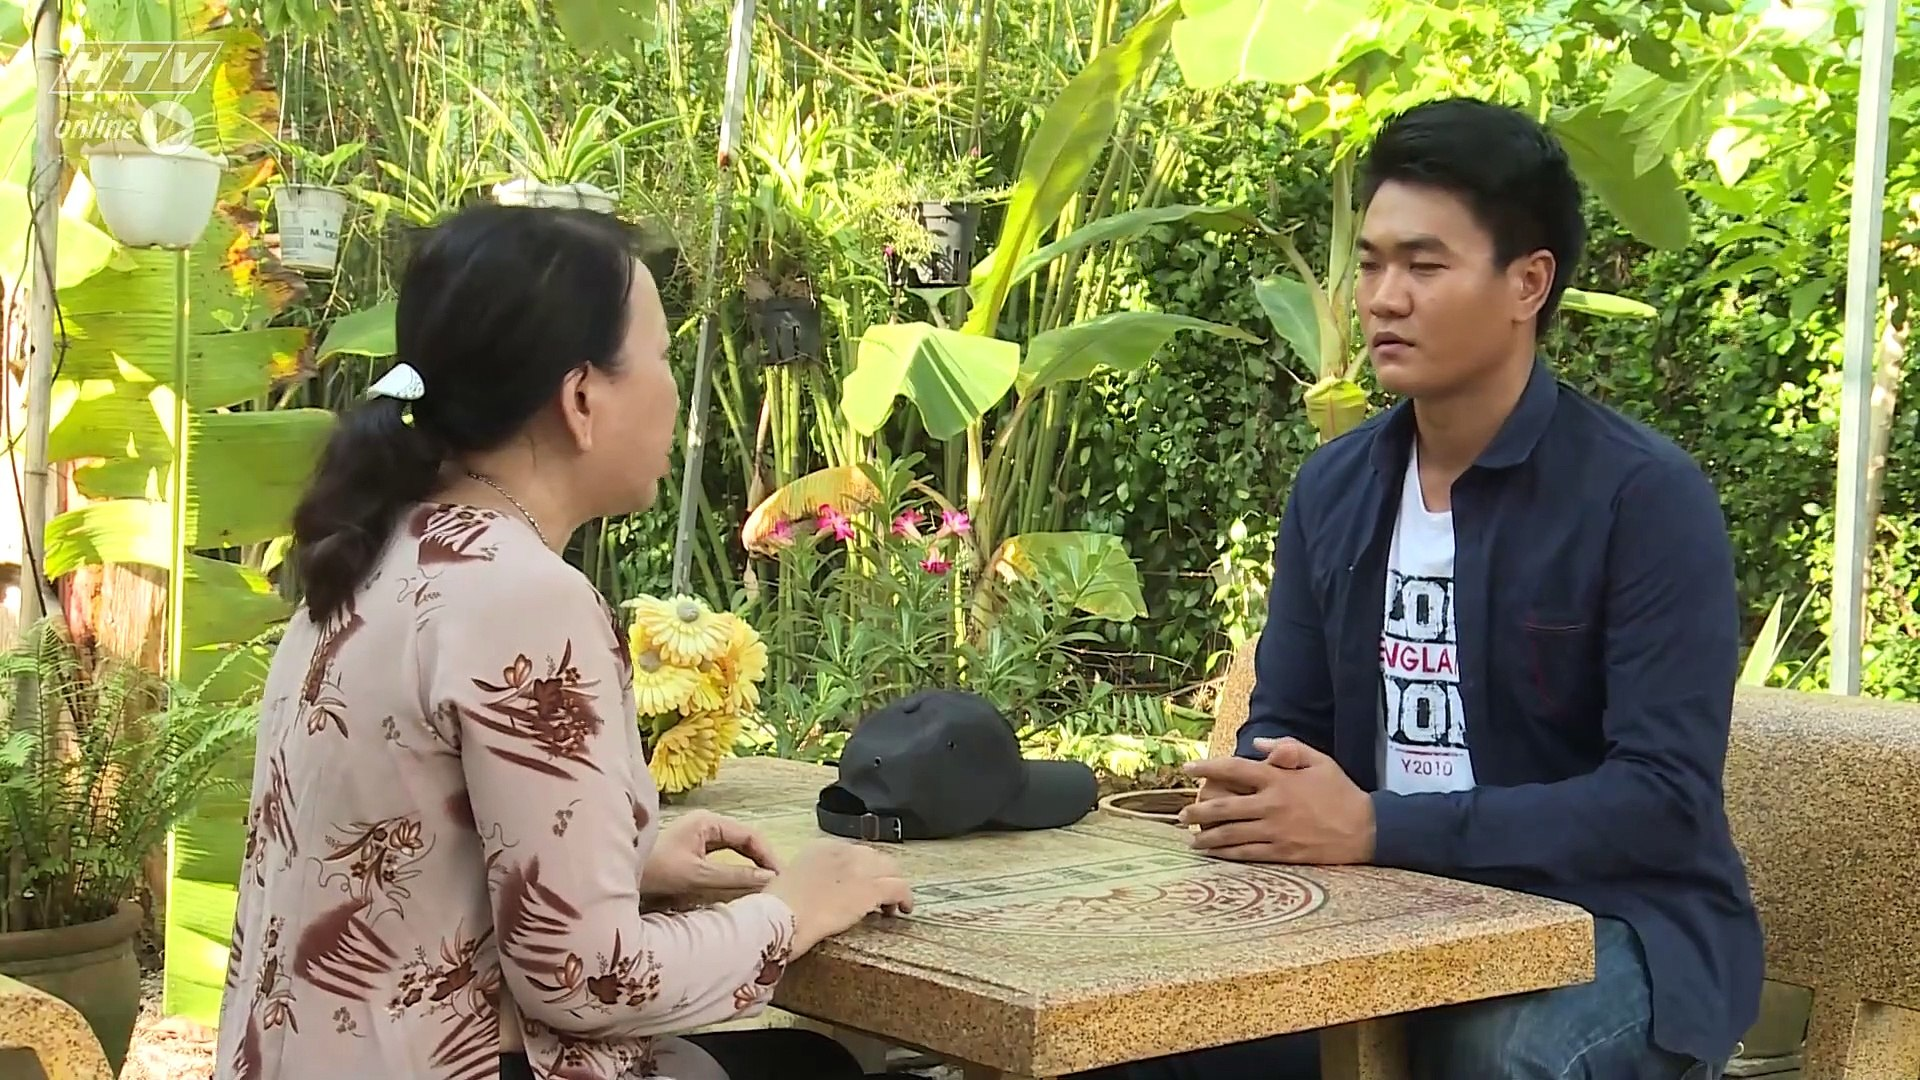 LẦN THEO DẤU VẾT - NHÁT DAO OAN NGHIỆT - HTV LTDV - 29-07-2019